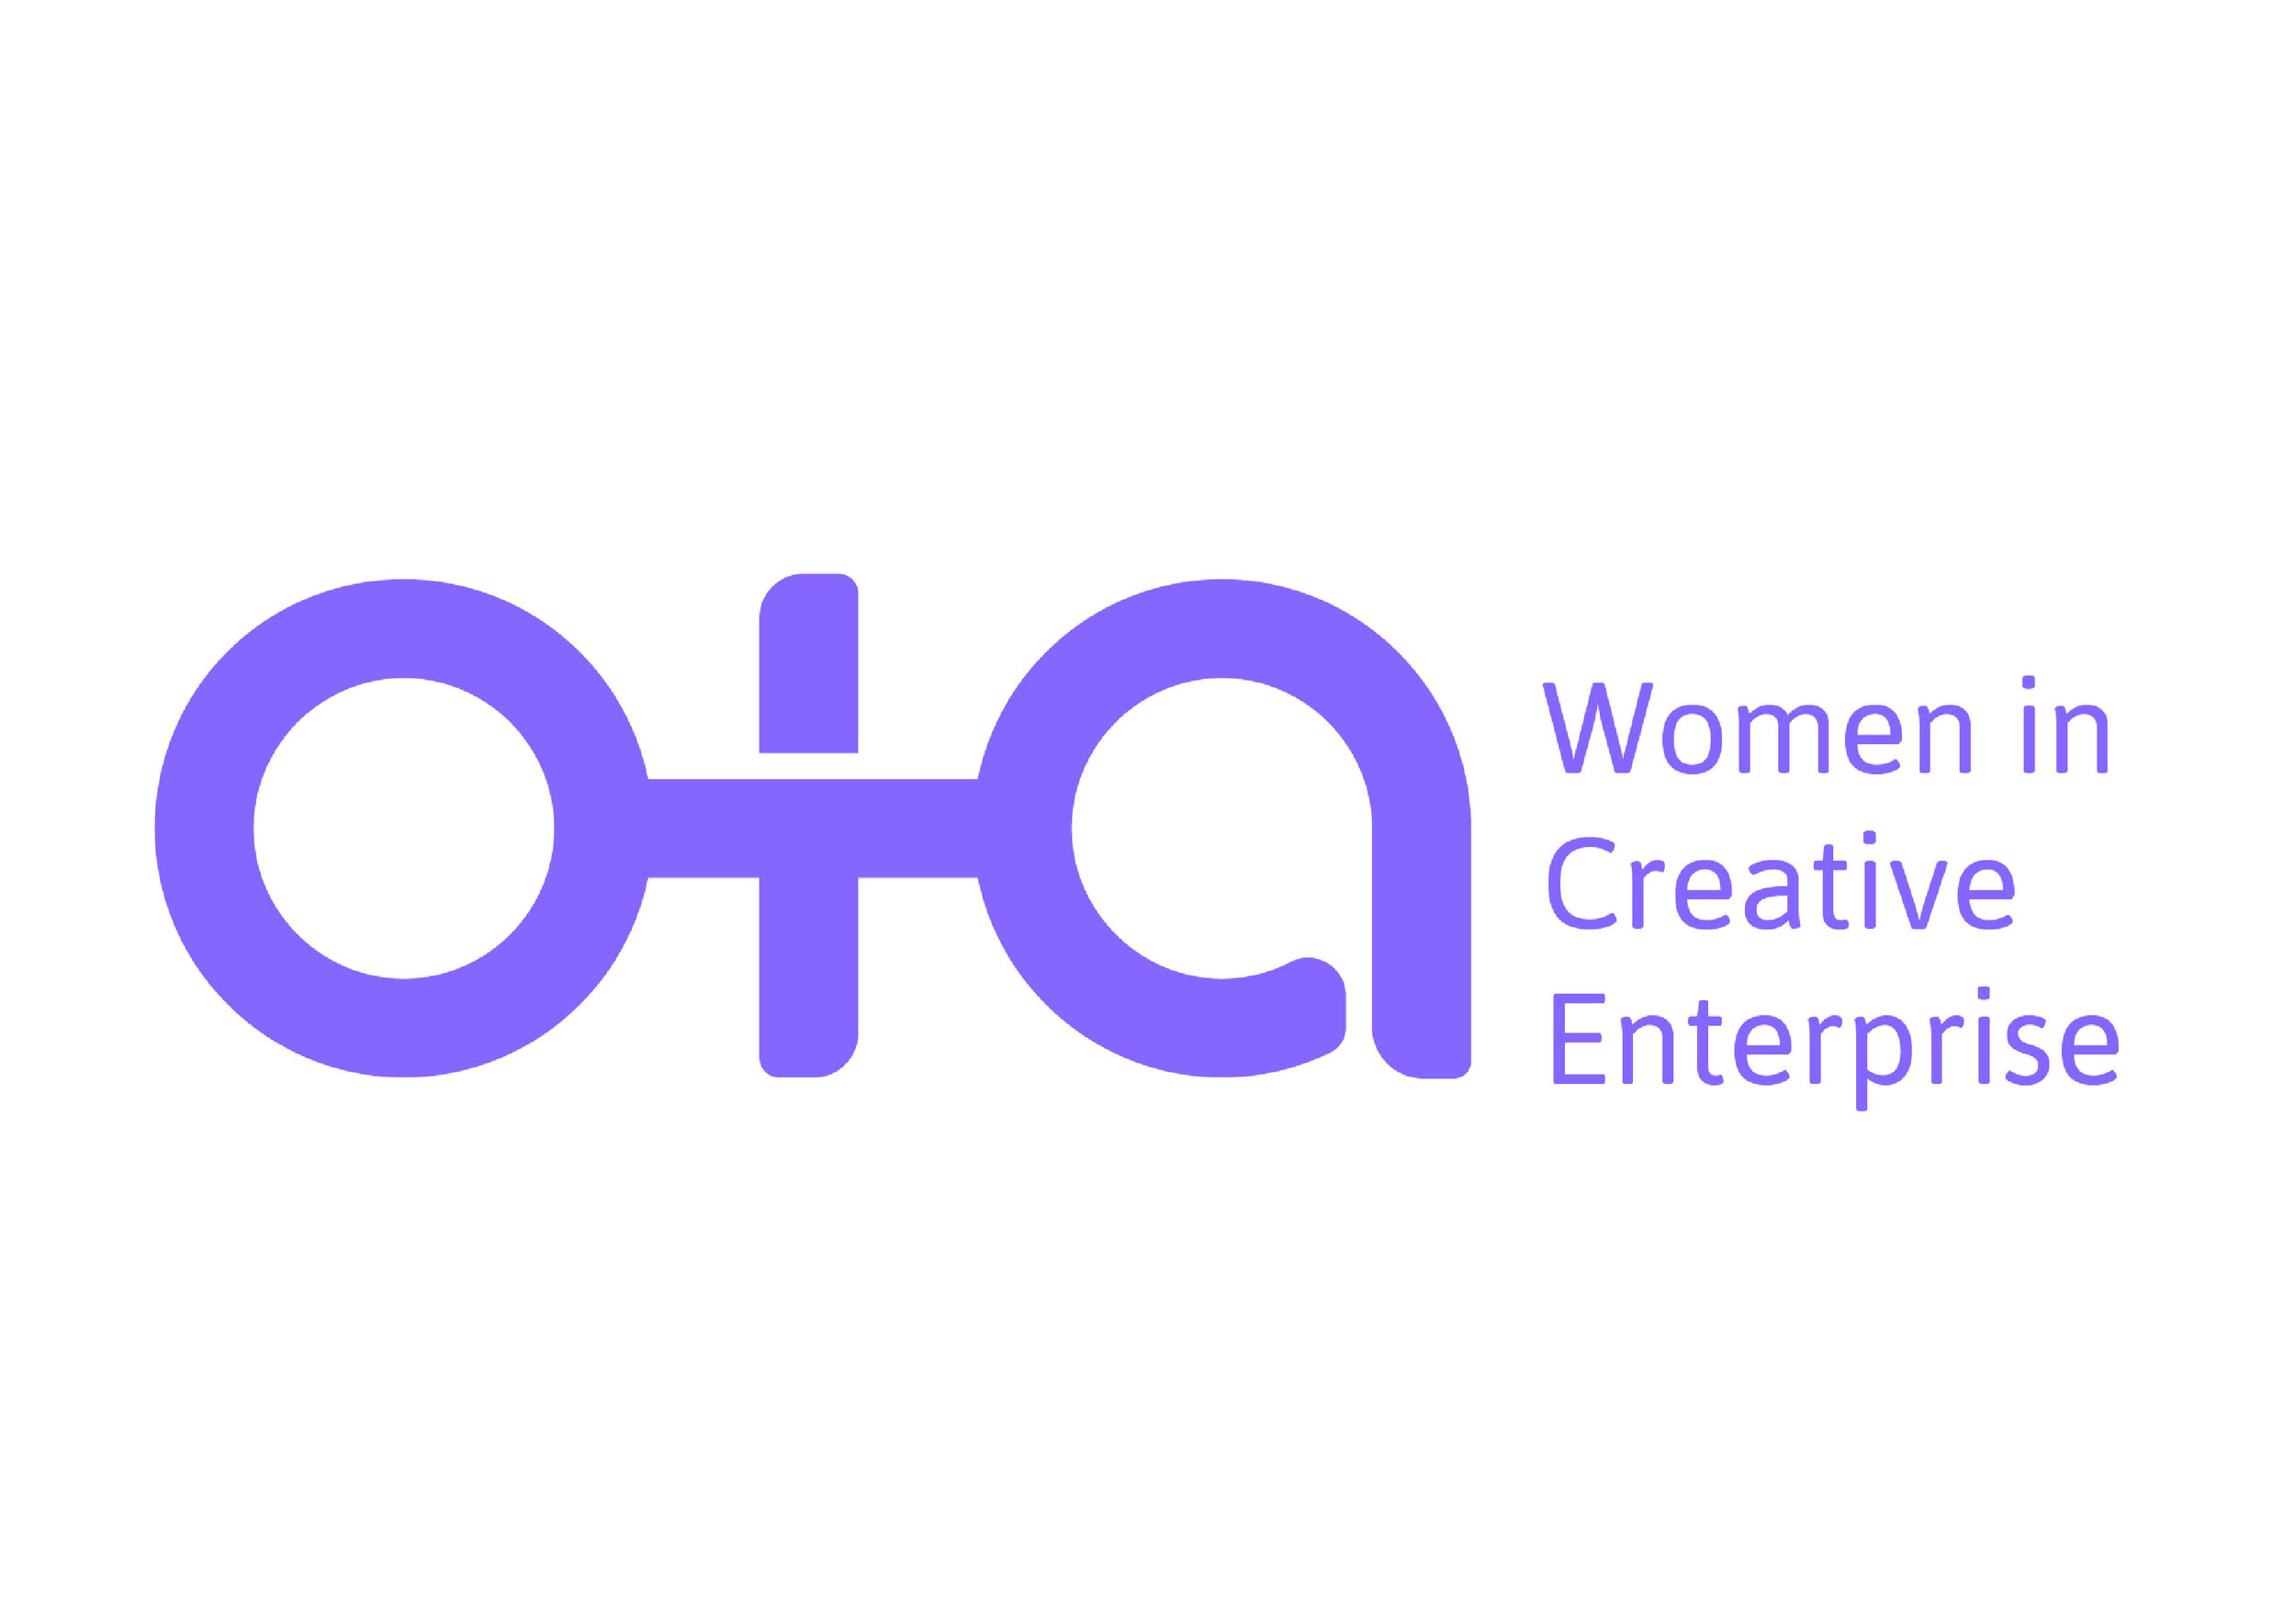 ota-identity-20190705-02-01.jpg